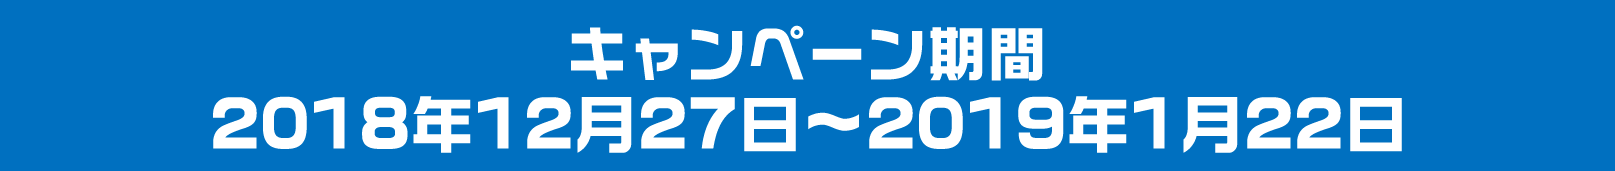 キャンペーン期間 2018年12月27日~2018年1月22日